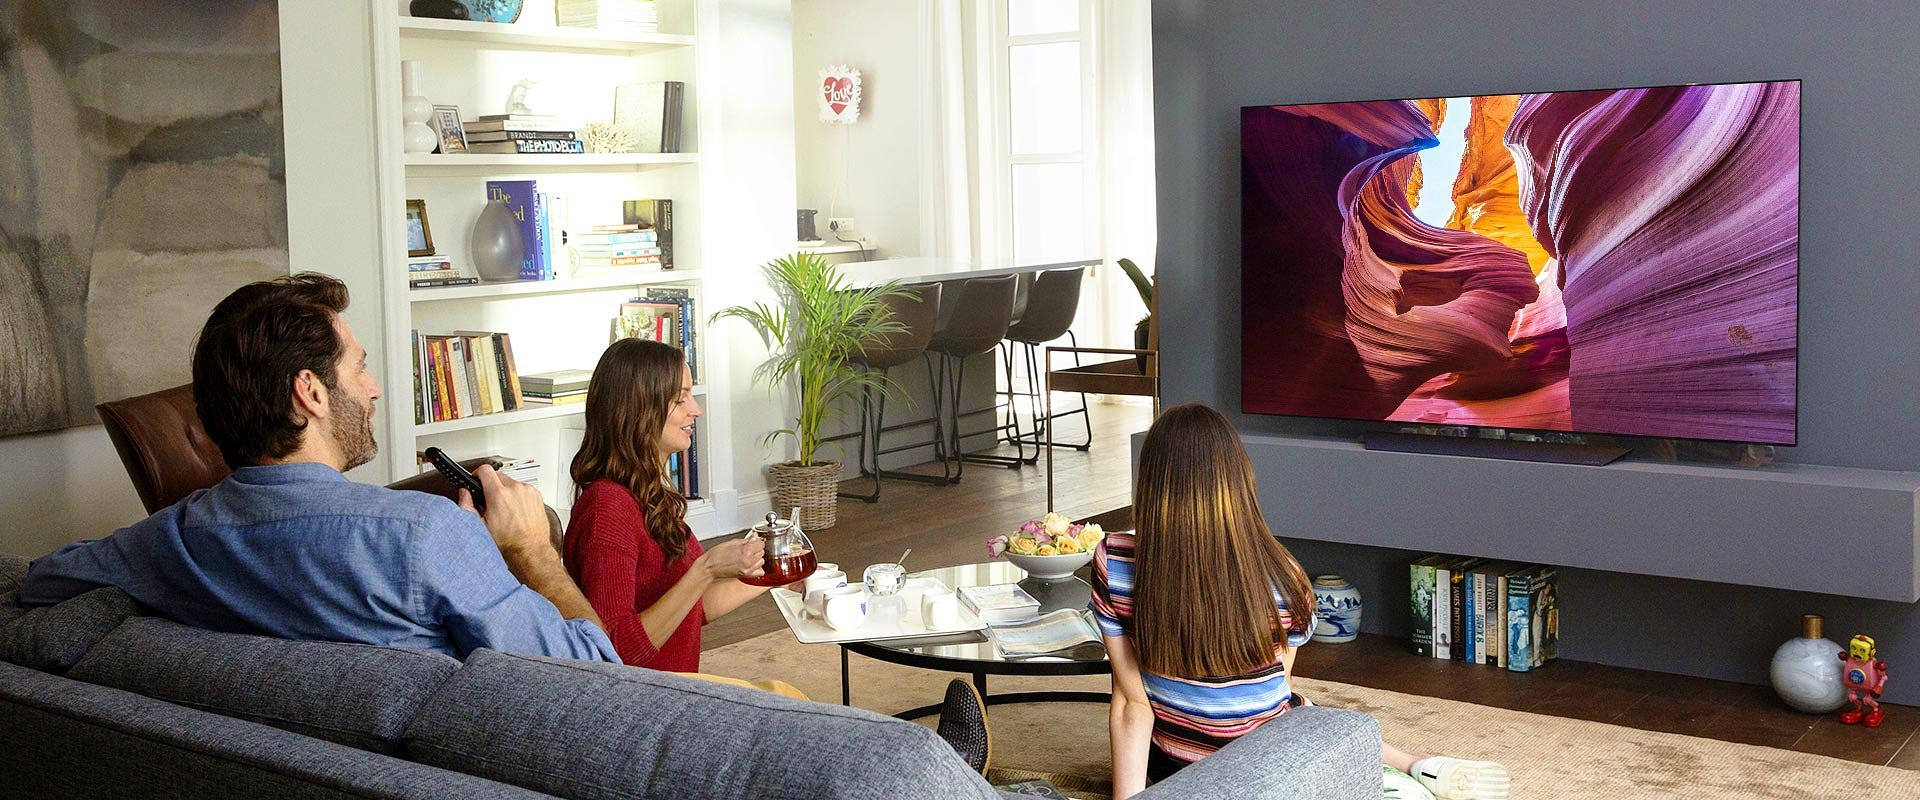 Dlaczego telewizor to teraz Twój najlepszy przyjaciel - 5 powodów, o których mogłeś już słyszeć i jeden mniej oczywisty